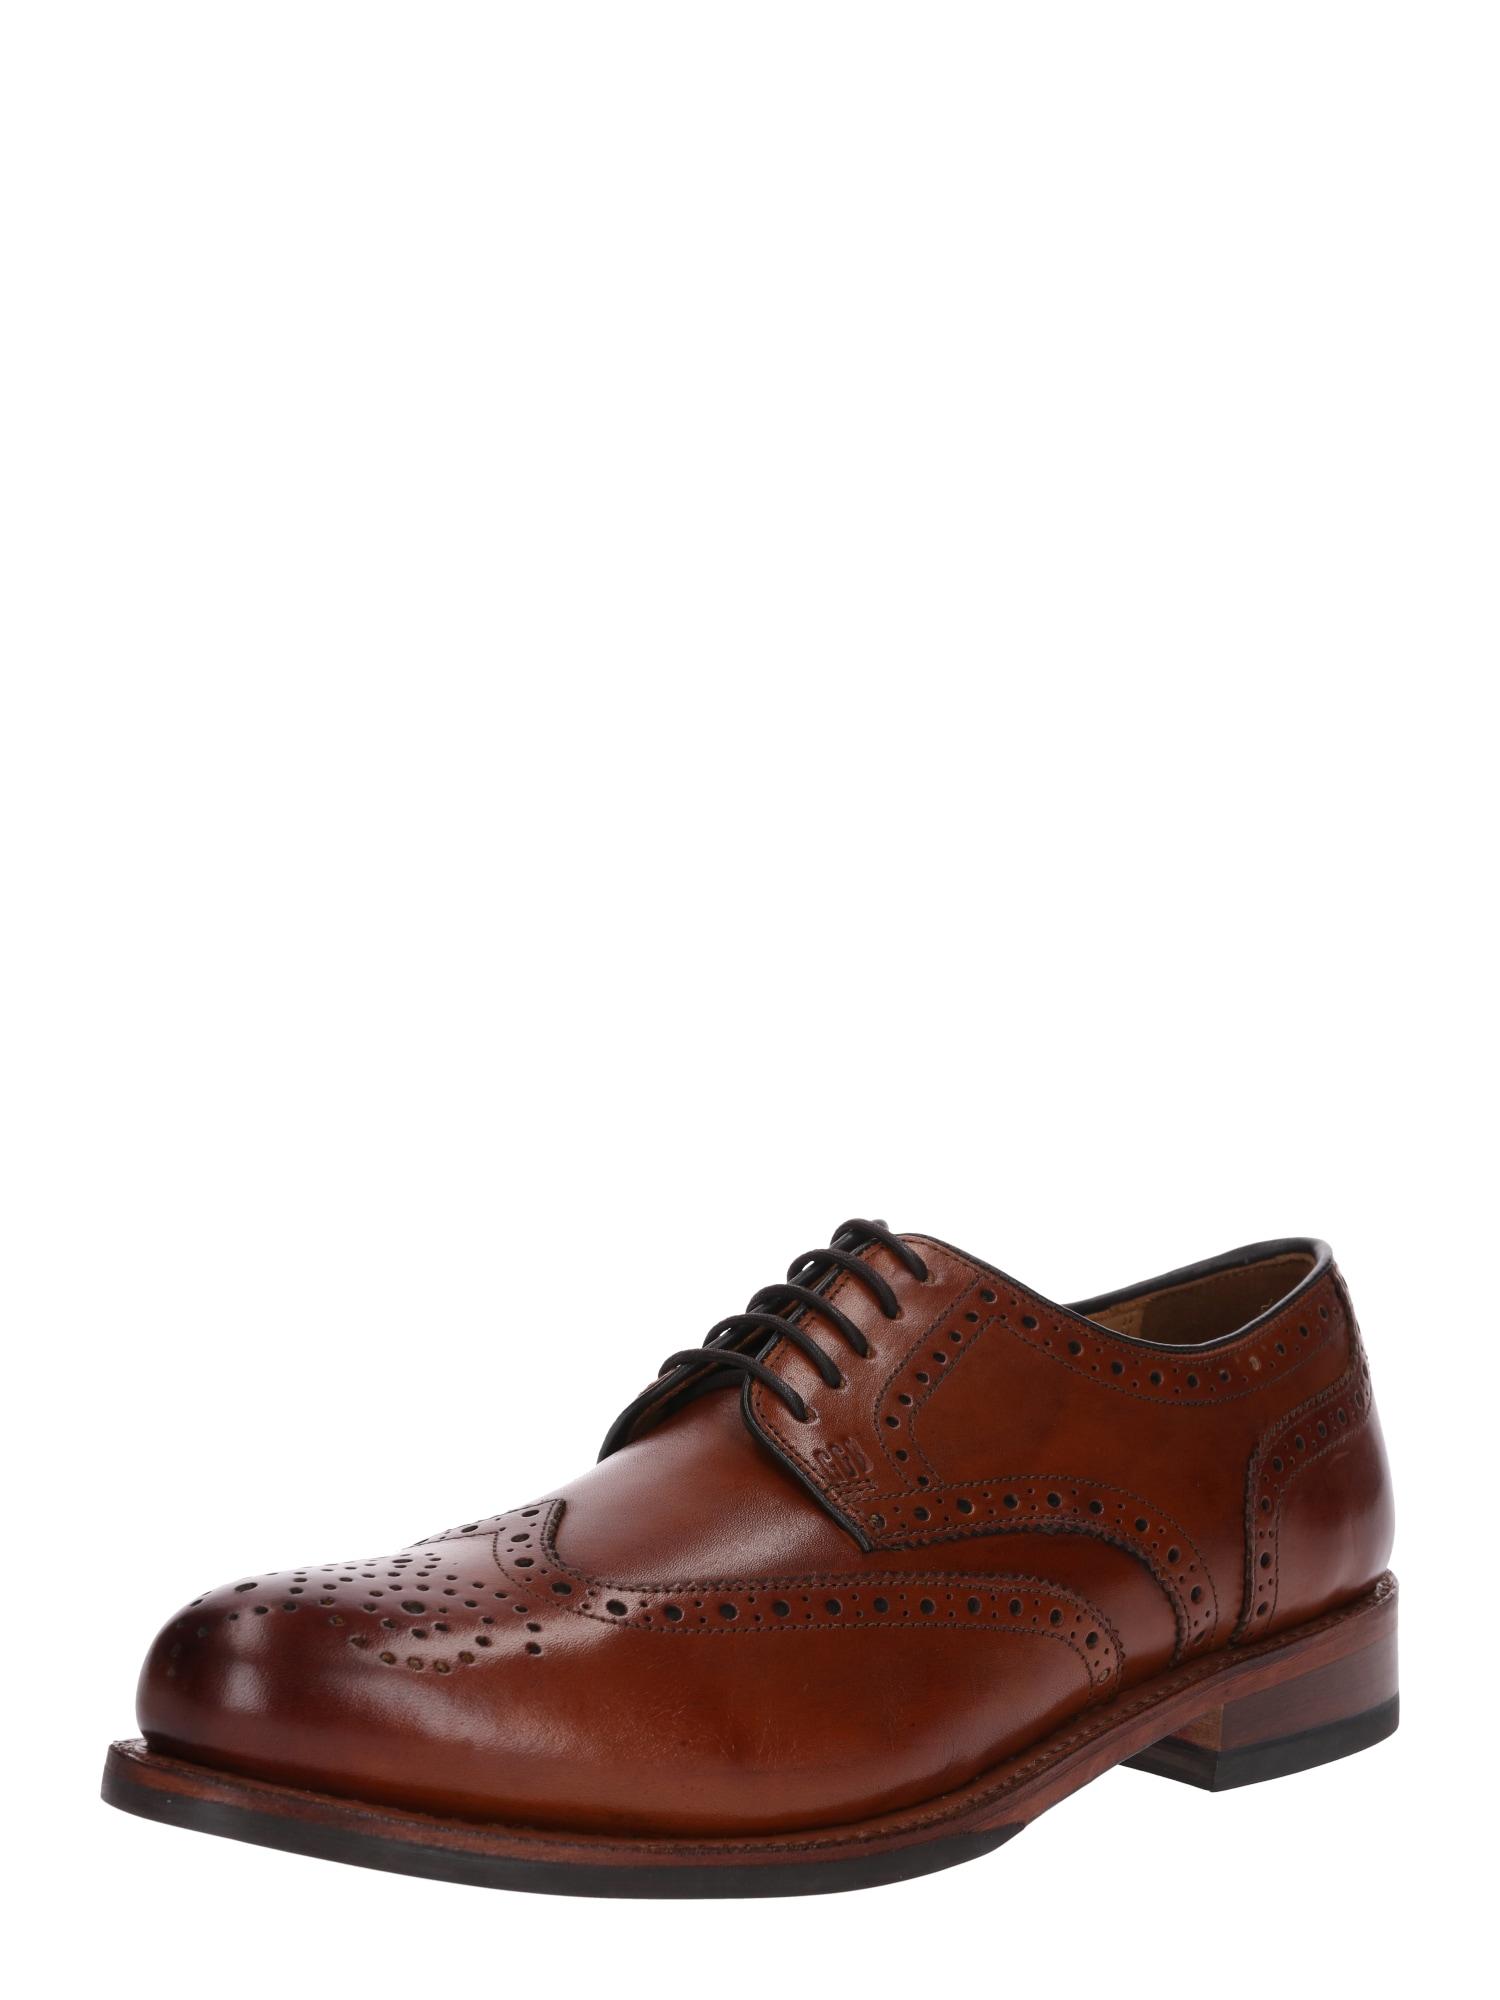 Šněrovací boty Levet hnědá Gordon & Bros